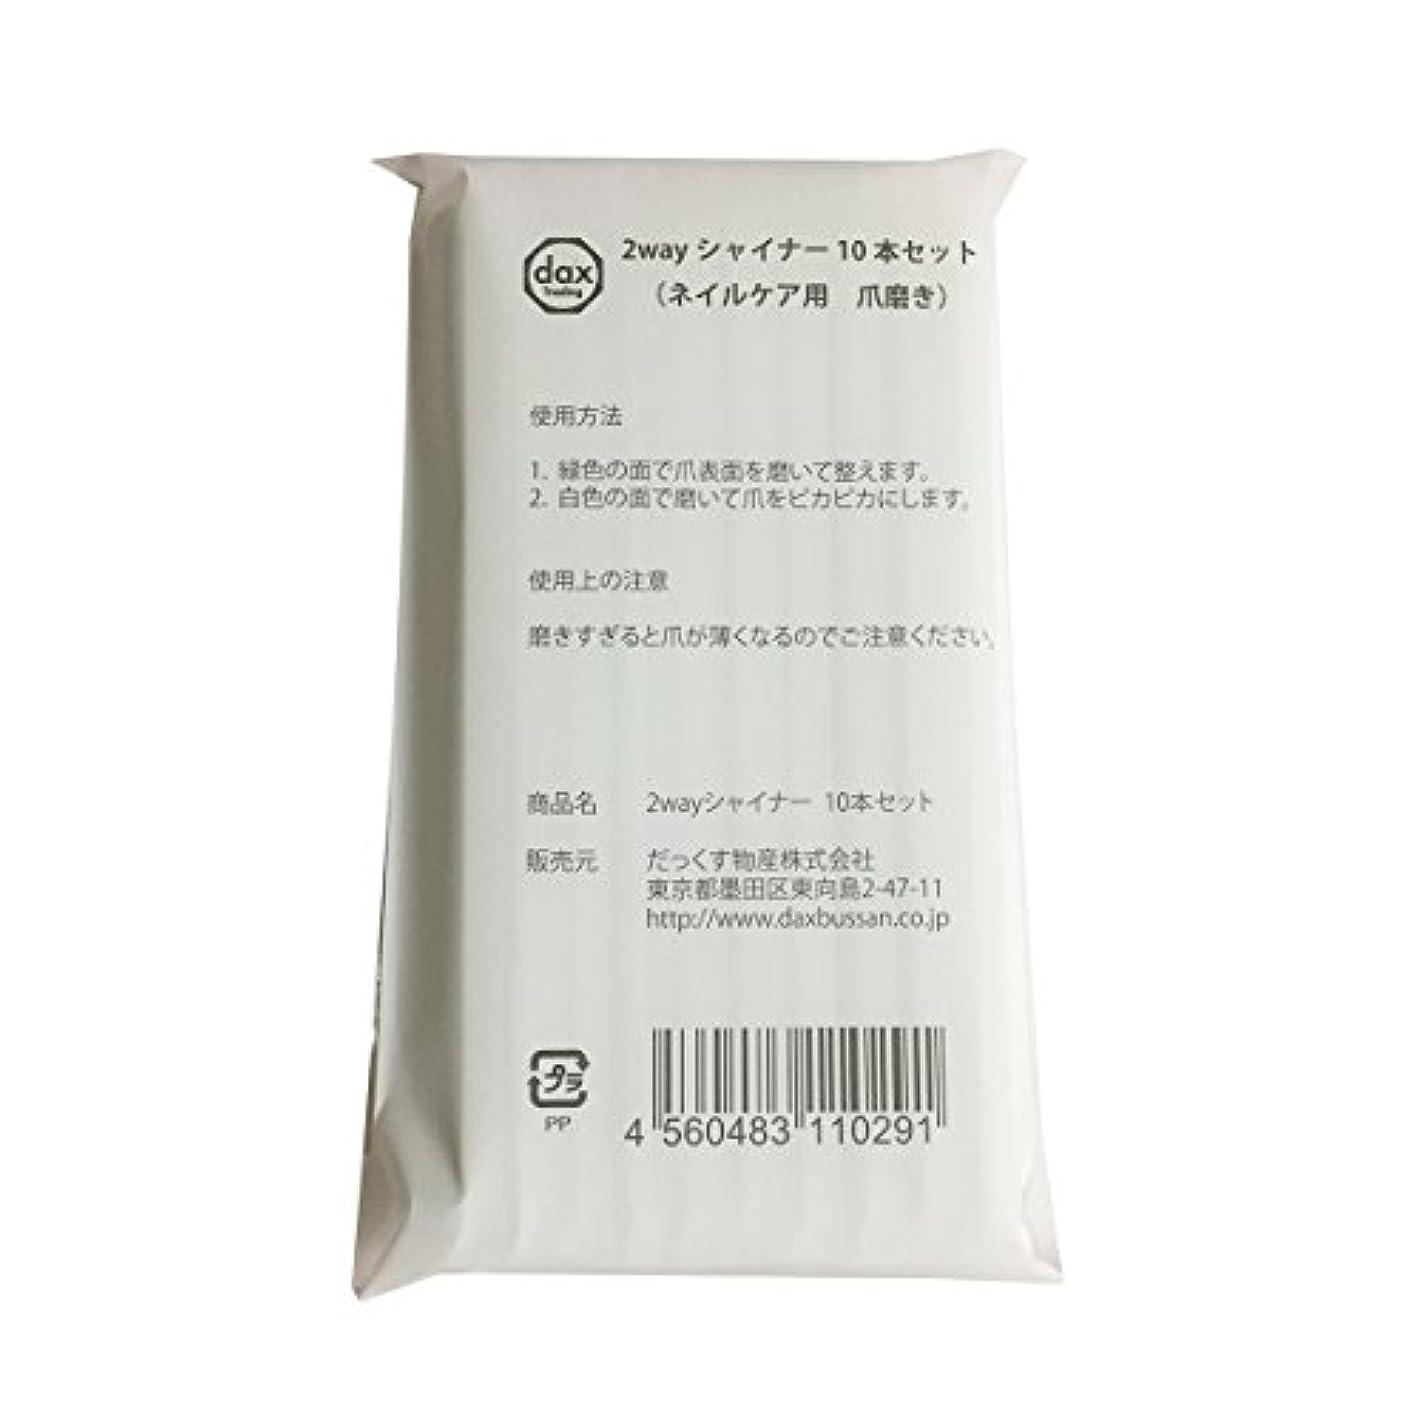 社説差別化するミュート【だっくす物産】2wayシャイナー 10本セット (ネイルケア用 爪磨き)